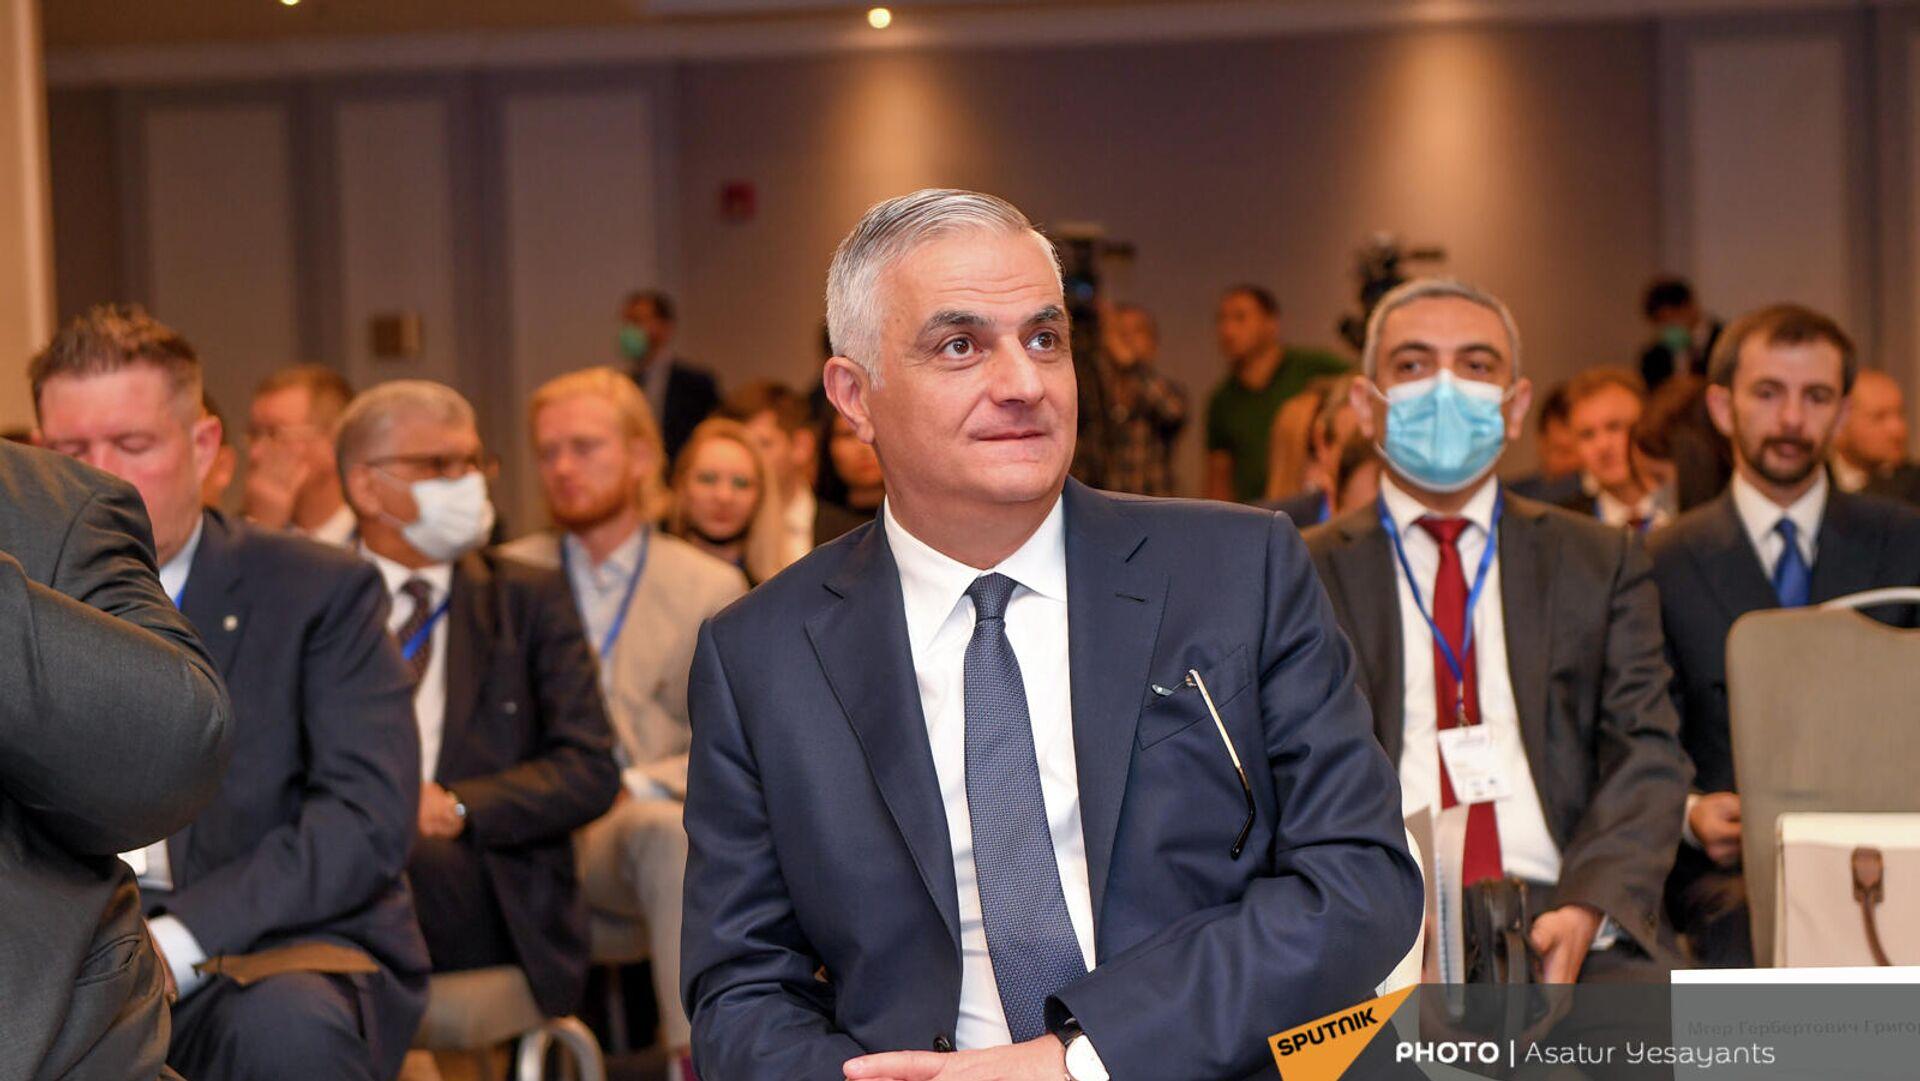 Вице-премьер Мгер Григорян на бизнес-форуме Armenian Business Forum (ABF) 2021 ассоциации армянских предпринимателей (20 сентября 2021). Ереван - Sputnik Армения, 1920, 20.09.2021